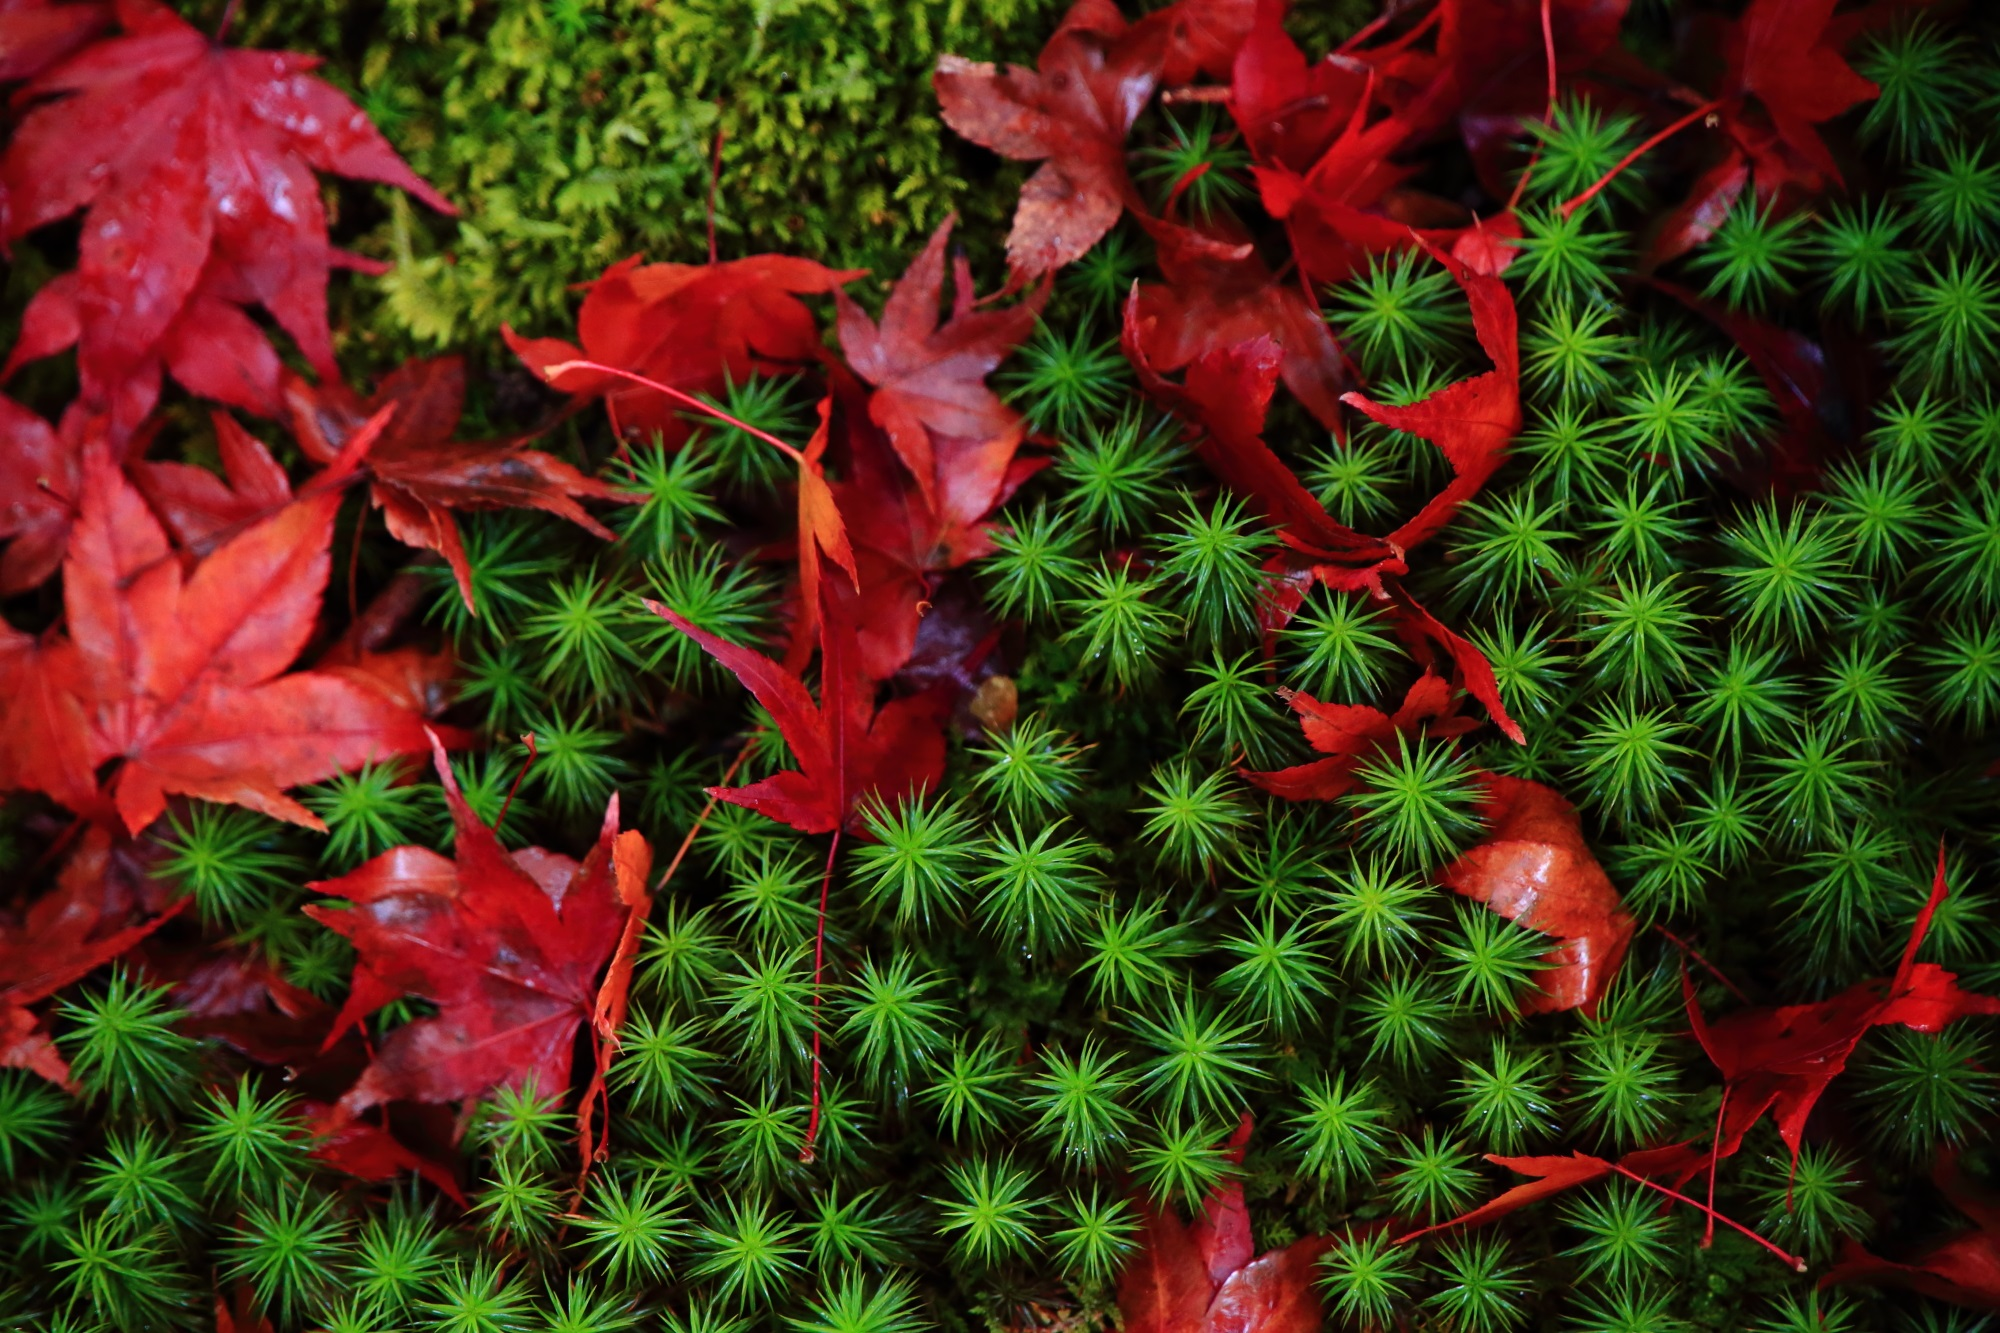 北嵯峨直指庵(じきしあん)の緑の鮮やかな苔と赤い散りもみじ